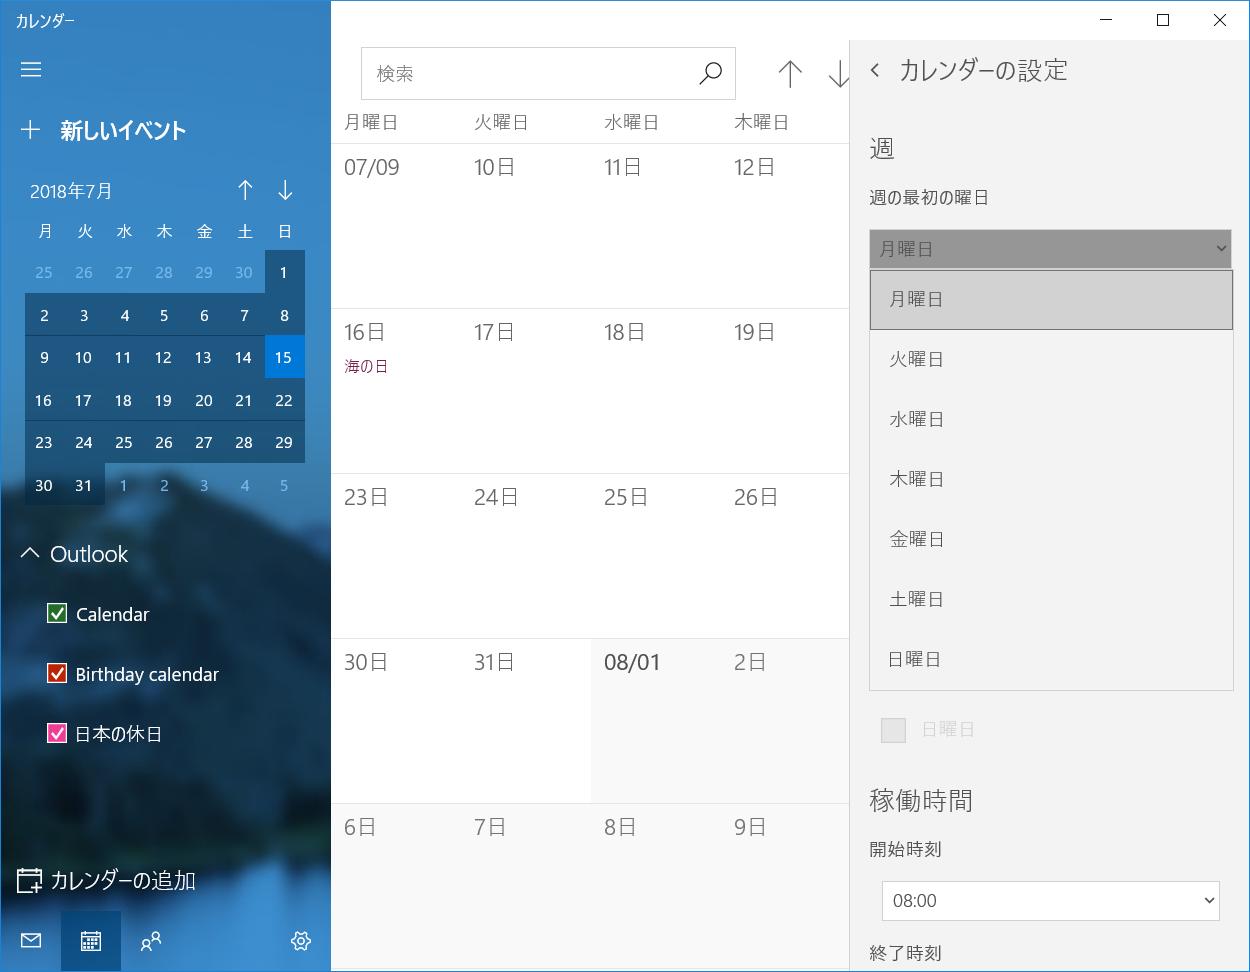 「カレンダー」アプリの[設定]ボタンから[カレンダーの設定]をクリック。[週の最初の曜日]を[月曜日]に変更できる(もちろん他の曜日も選択可)